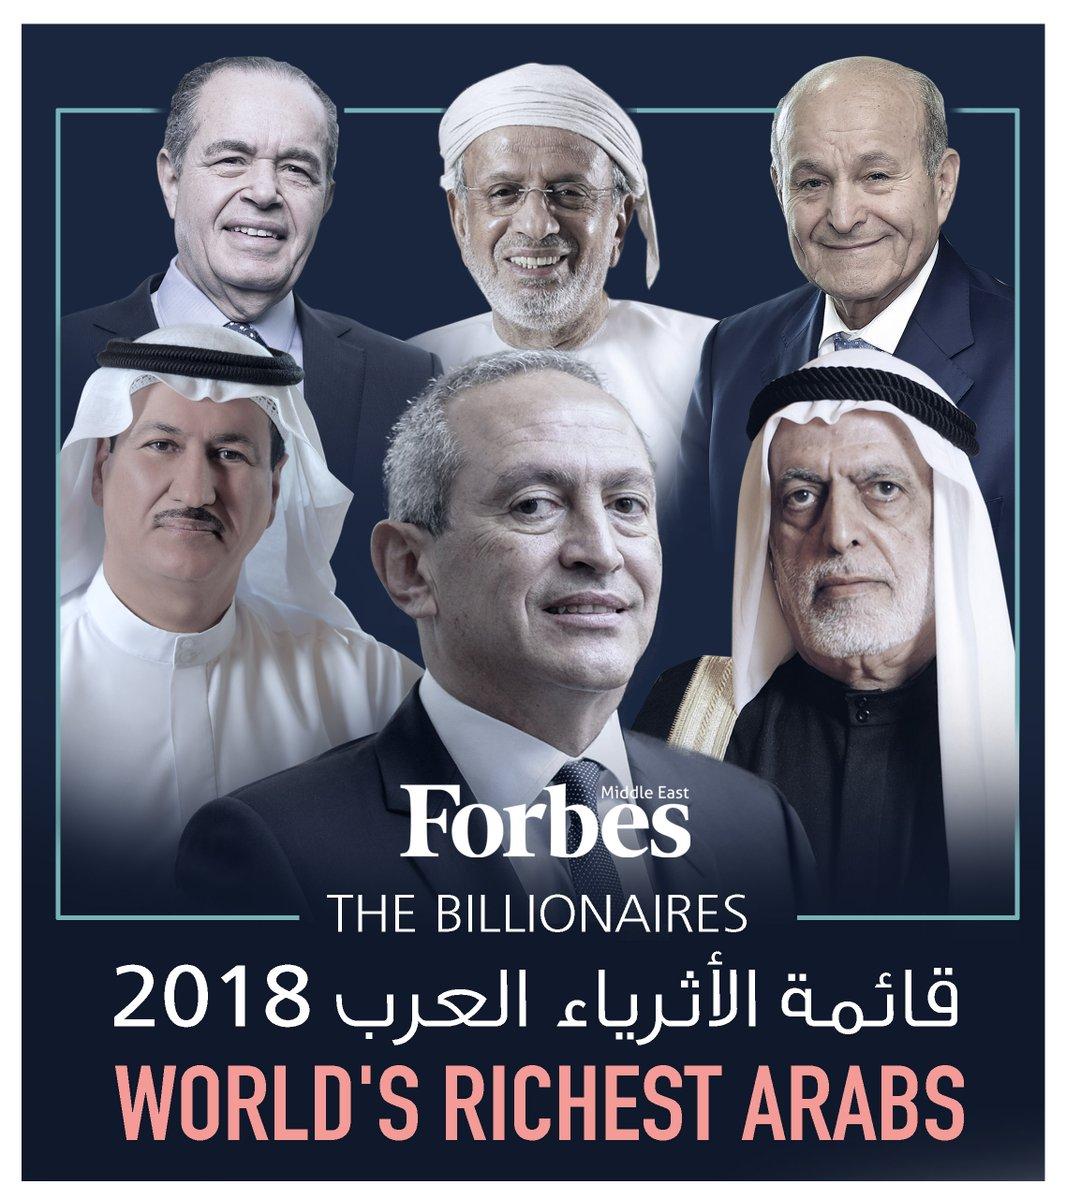 Classement Forbes 2018: les Arabes les plus riches sont… Africains